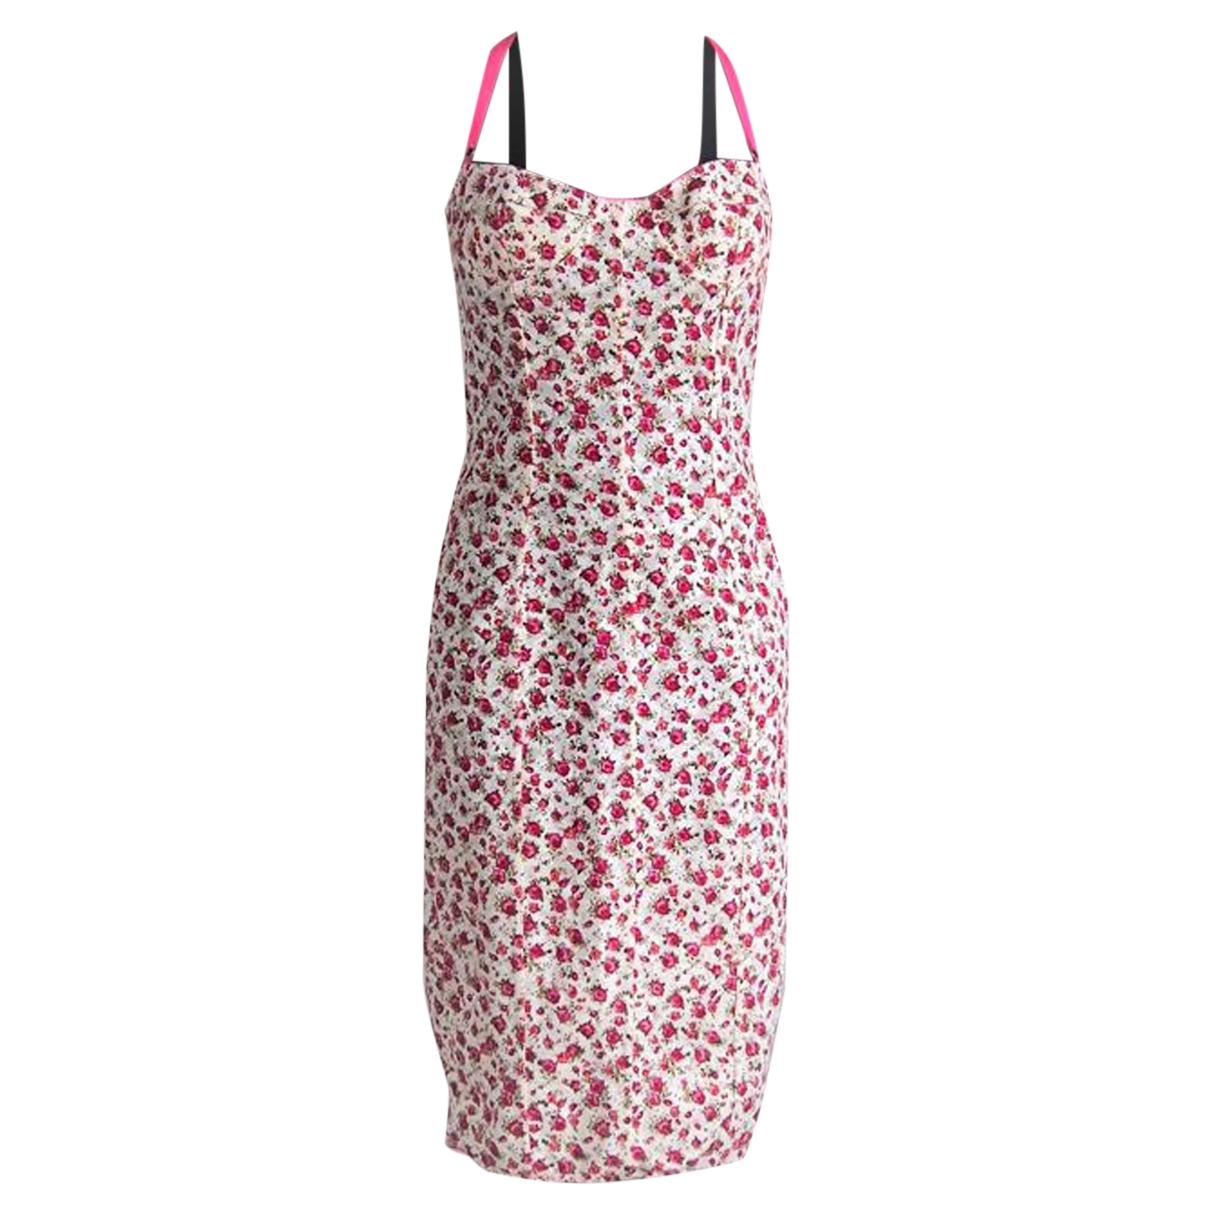 D&g \N Kleid in  Rosa Synthetik